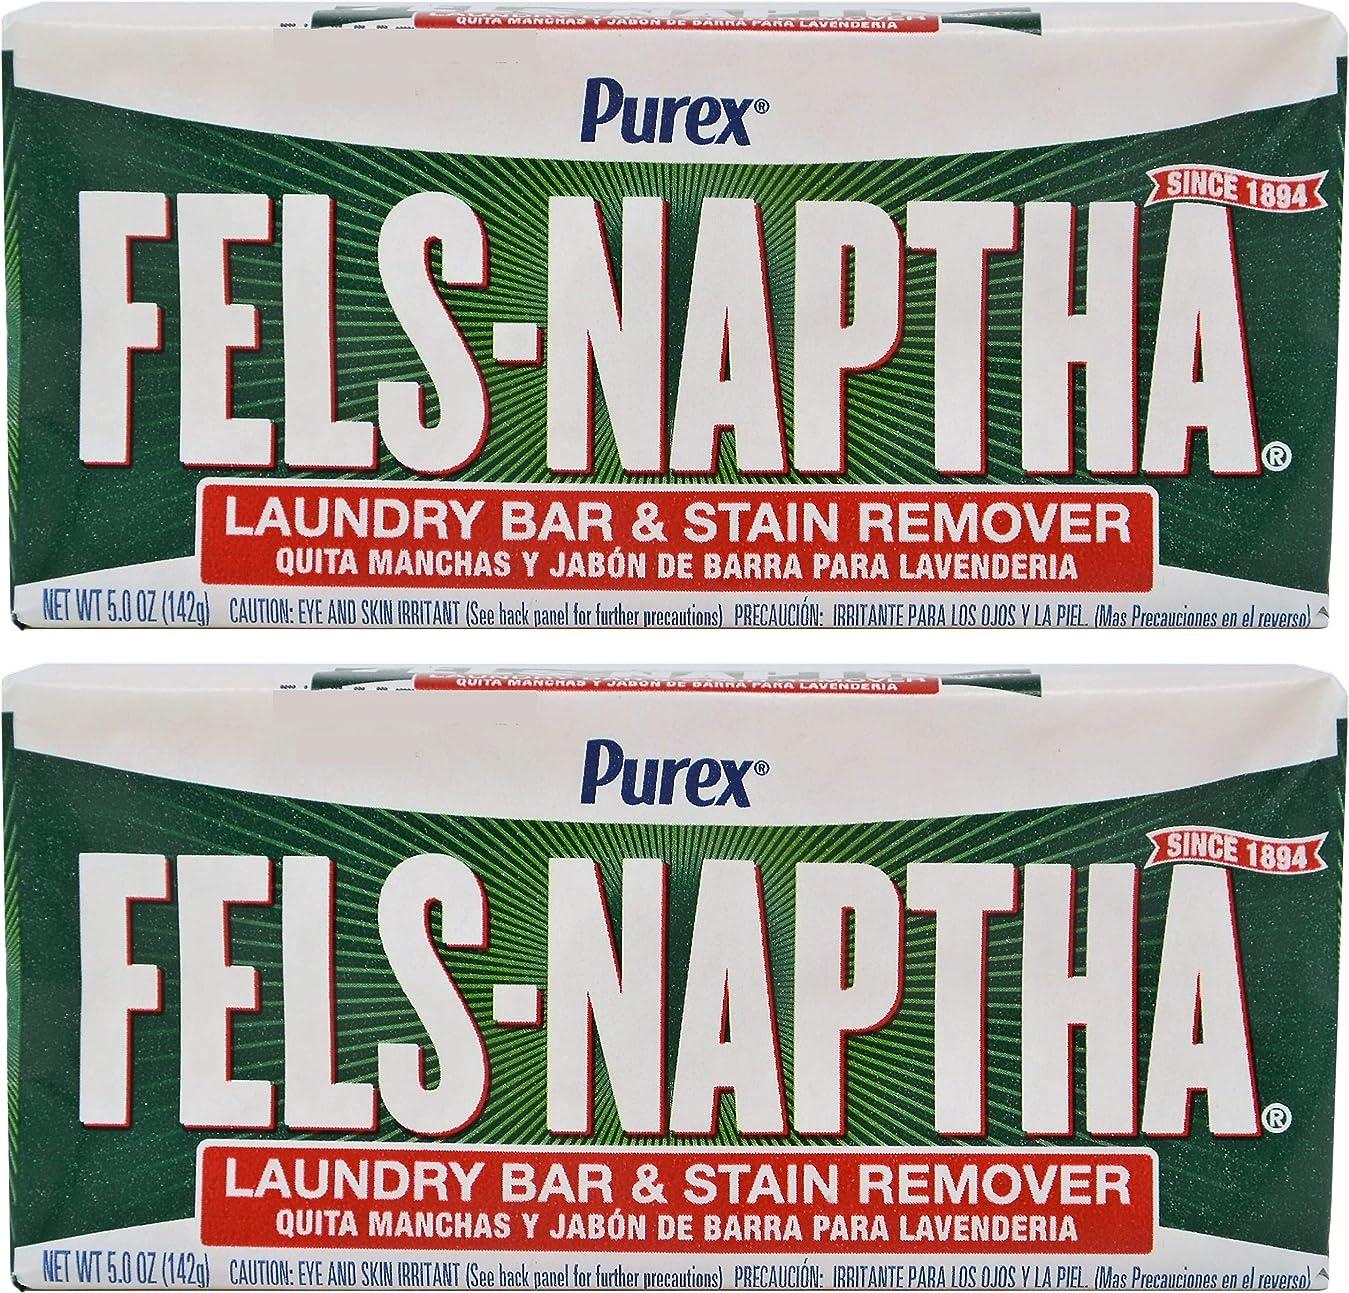 ブルゴーニュ定期的な肺炎Fels Naptha Heavy Duty Laundry Soap Bar - 5.5 oz - 2 pk by Fels Naptha